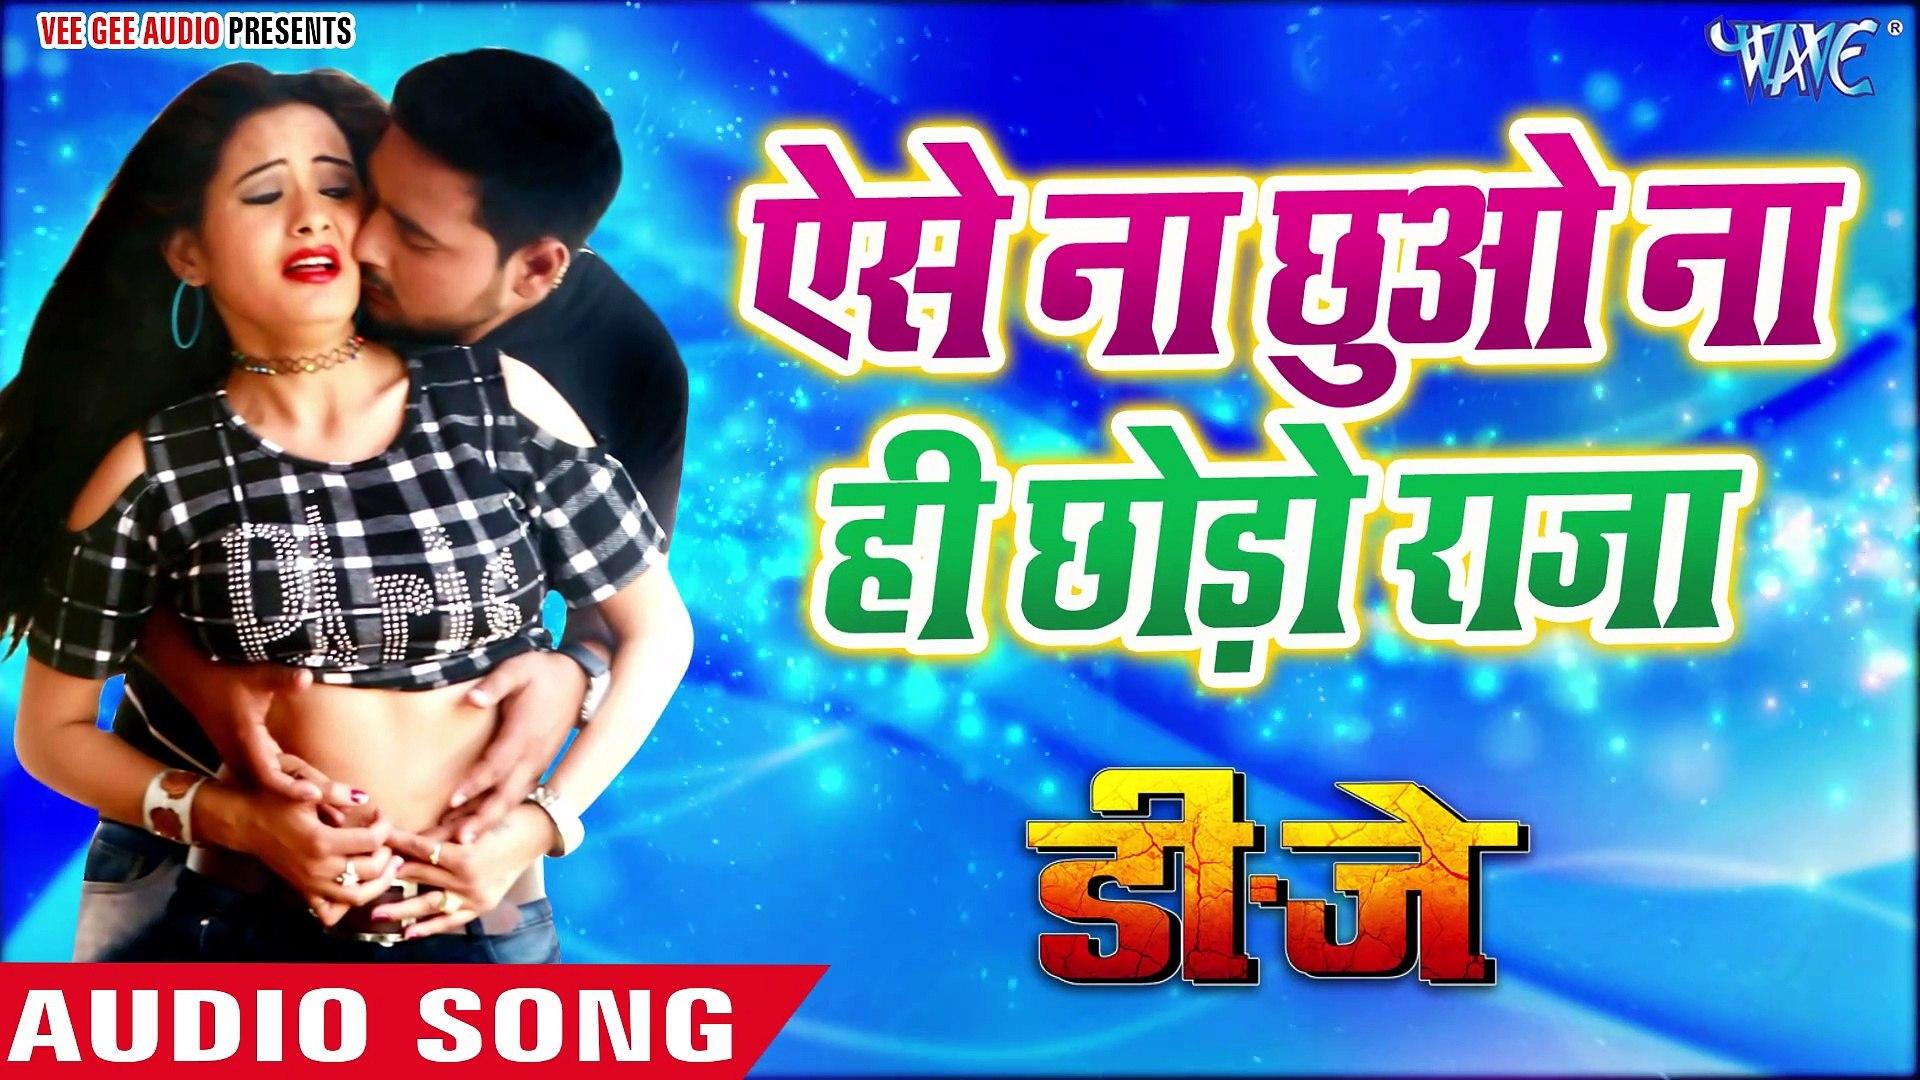 Ek Tha Raja Ek Thi Rani_ Drashti Dhami & Siddhant Karnick tied up